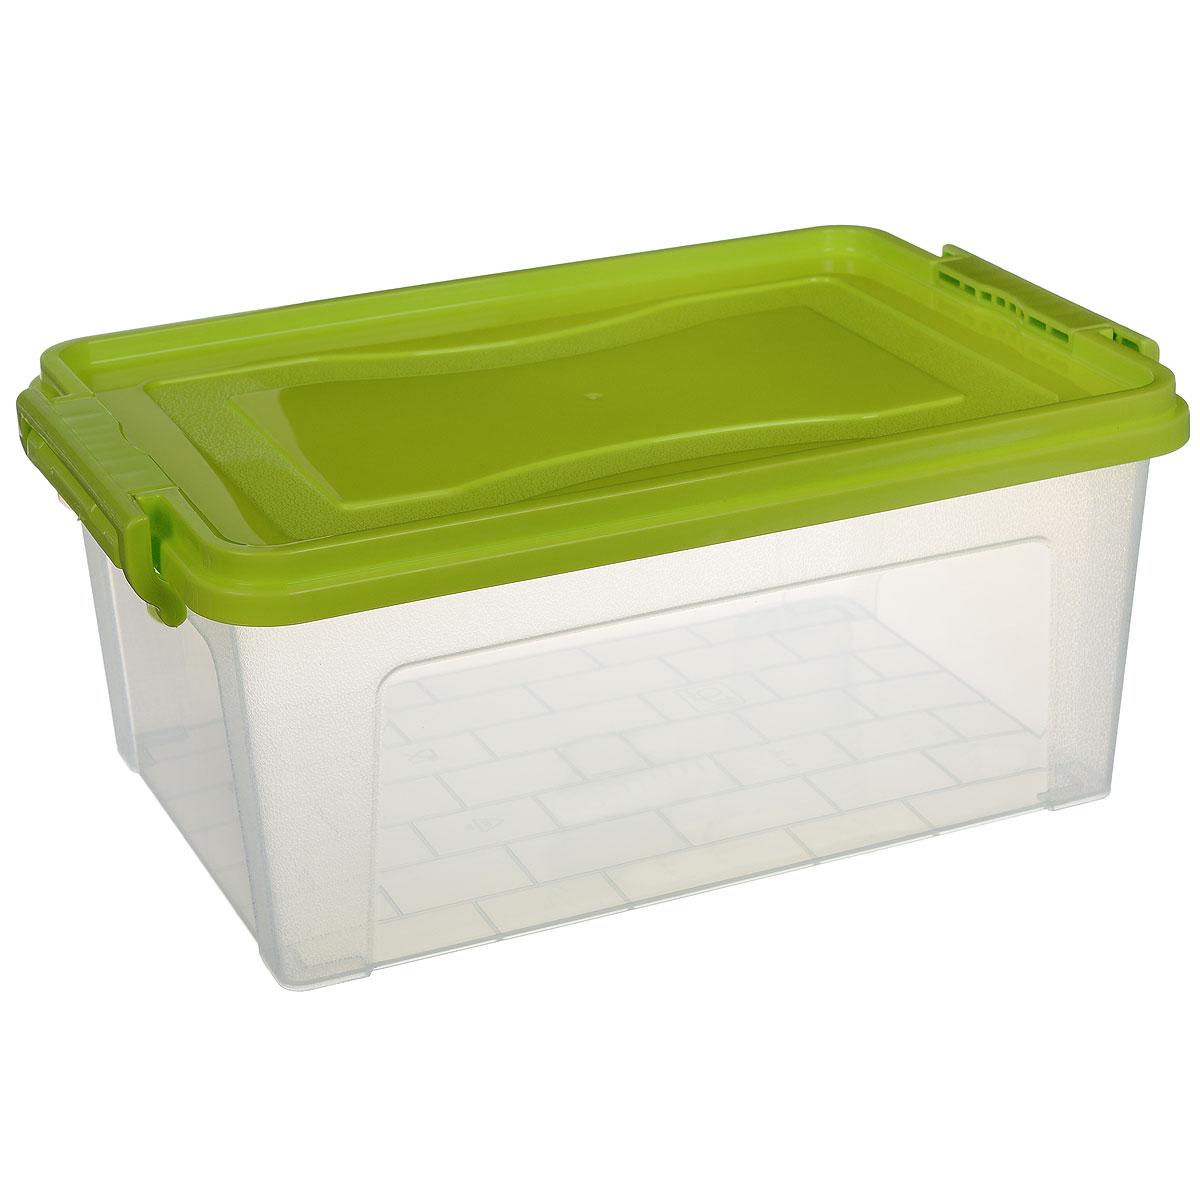 Контейнер для хранения Idea, прямоугольный, цвет: салатовый, прозрачный, 8,5 л98299571Контейнер для хранения Idea выполнен из высококачественного пластика. Изделие оснащено двумя пластиковыми фиксаторами по бокам, придающими дополнительную надежность закрывания крышки. Вместительный контейнер позволит сохранить различные нужные вещи в порядке, а герметичная крышка предотвратит случайное открывание, защитит содержимое от пыли и грязи.Объем: 8,5 л.